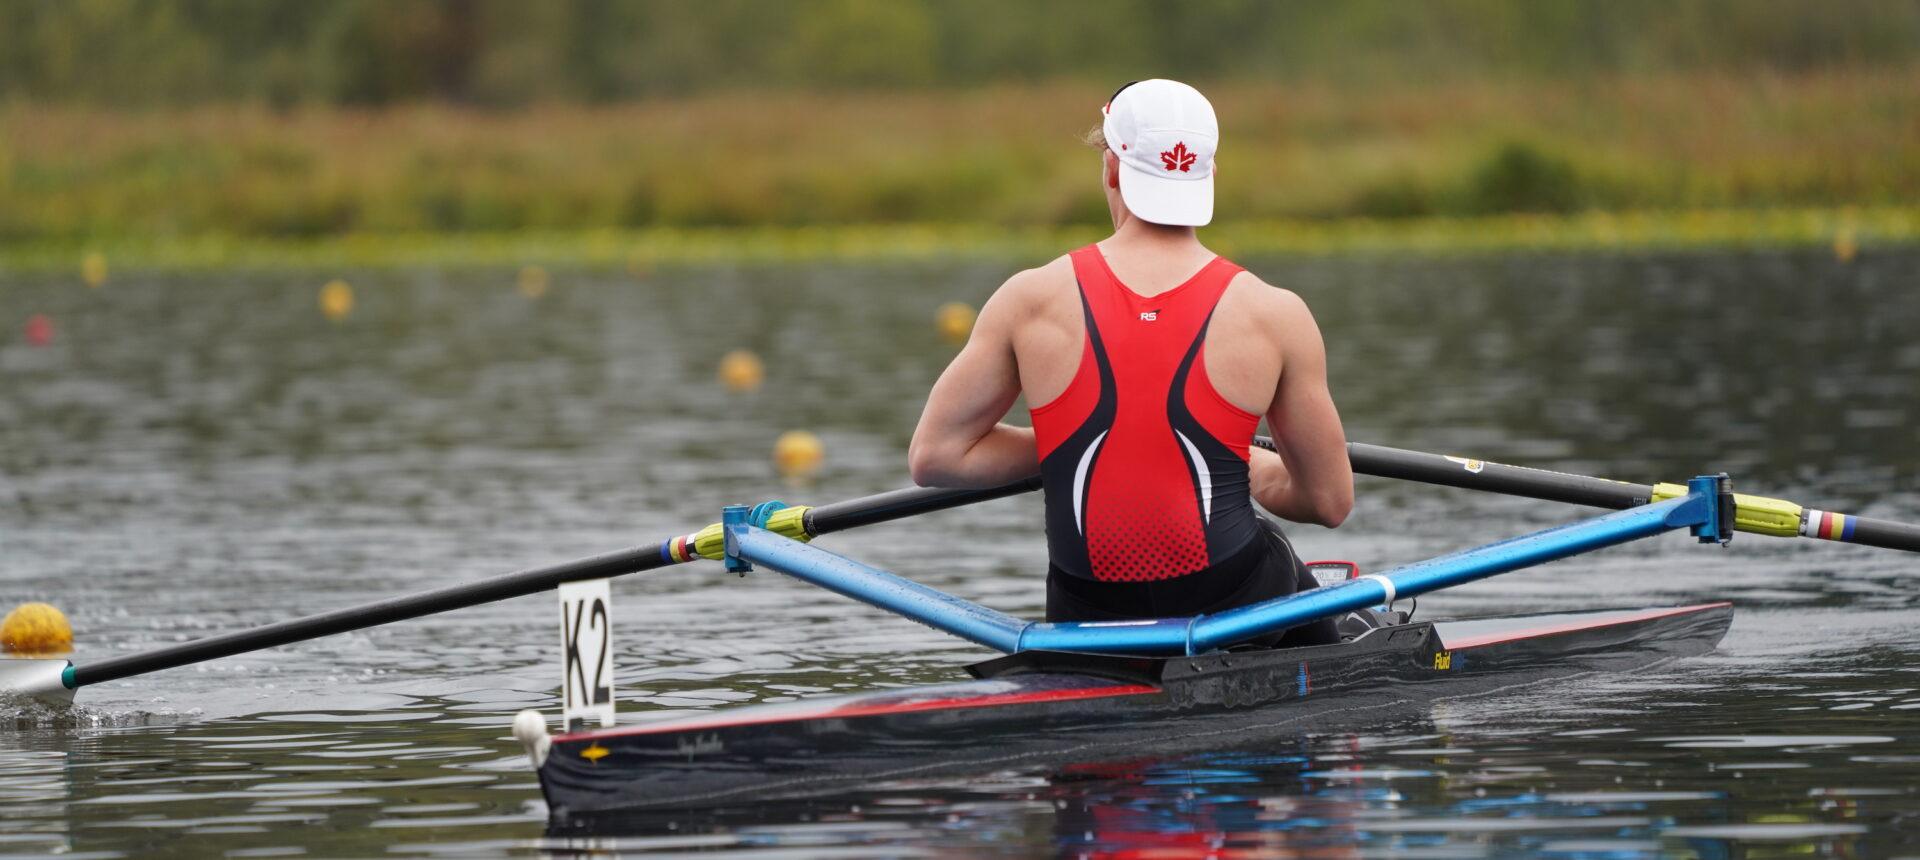 Les Championnats nationaux d'aviron et la Coupe Canada 2020 sont annulés